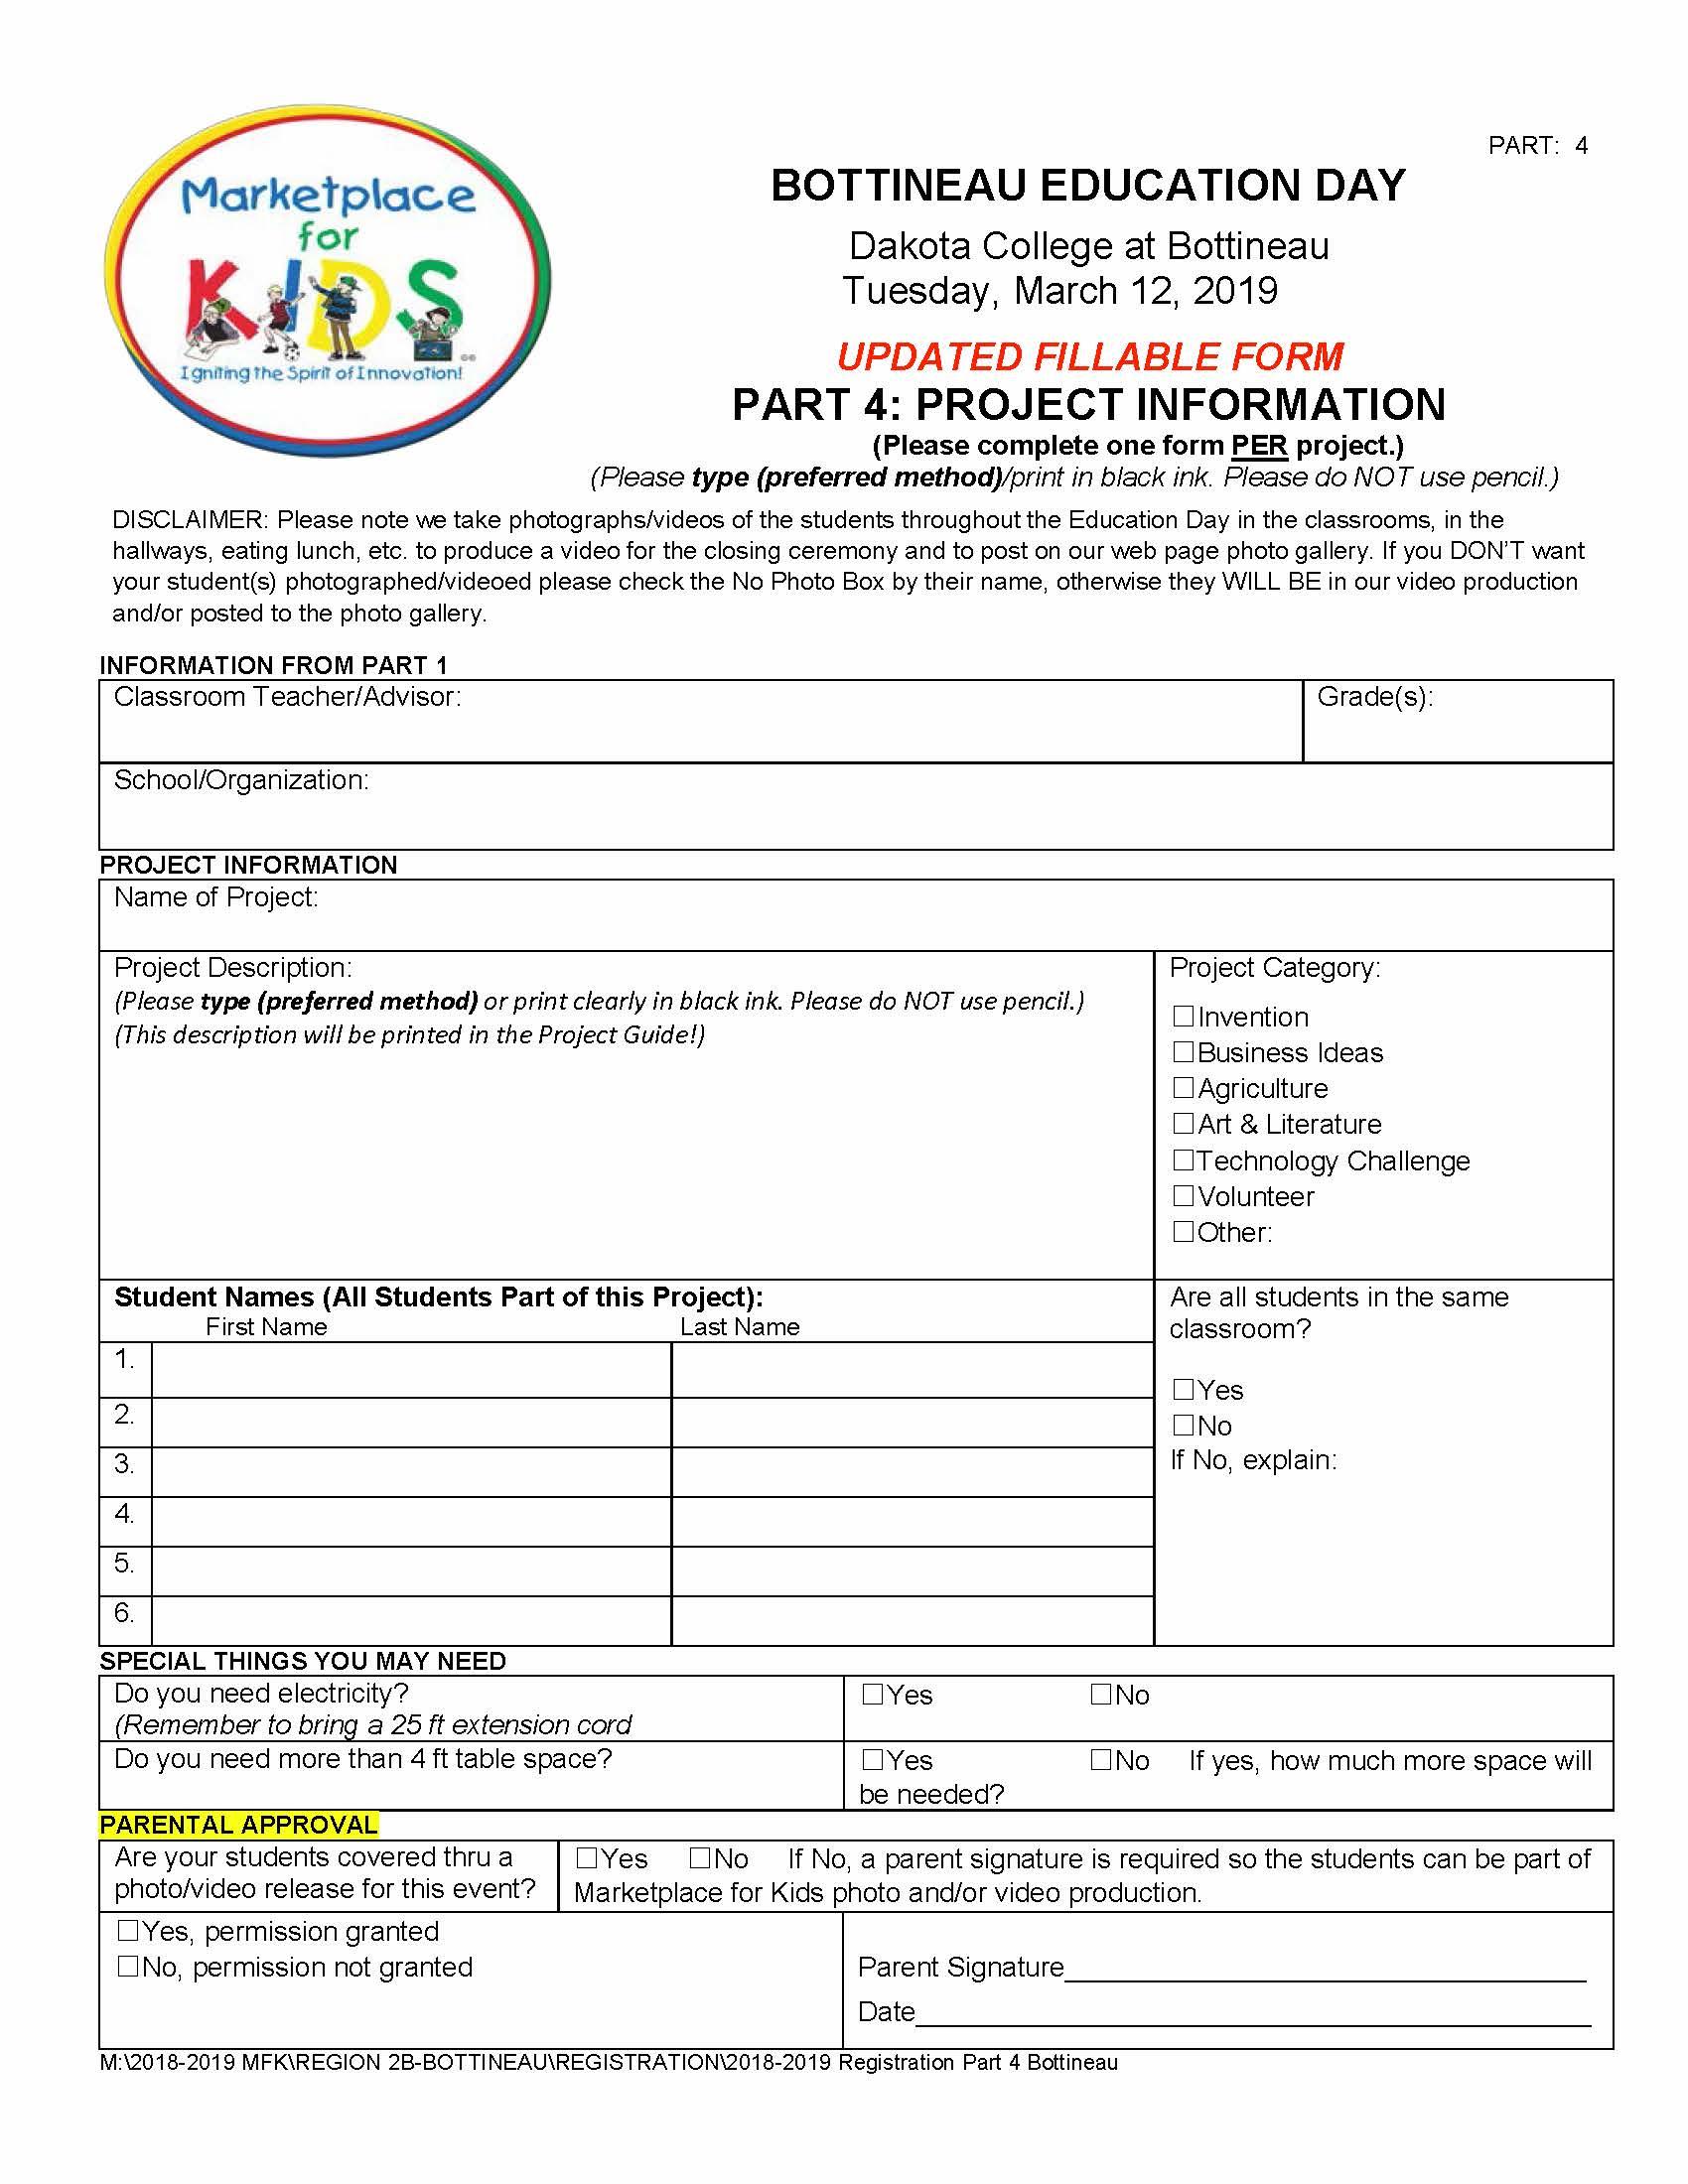 Bottineau Registration Part 4